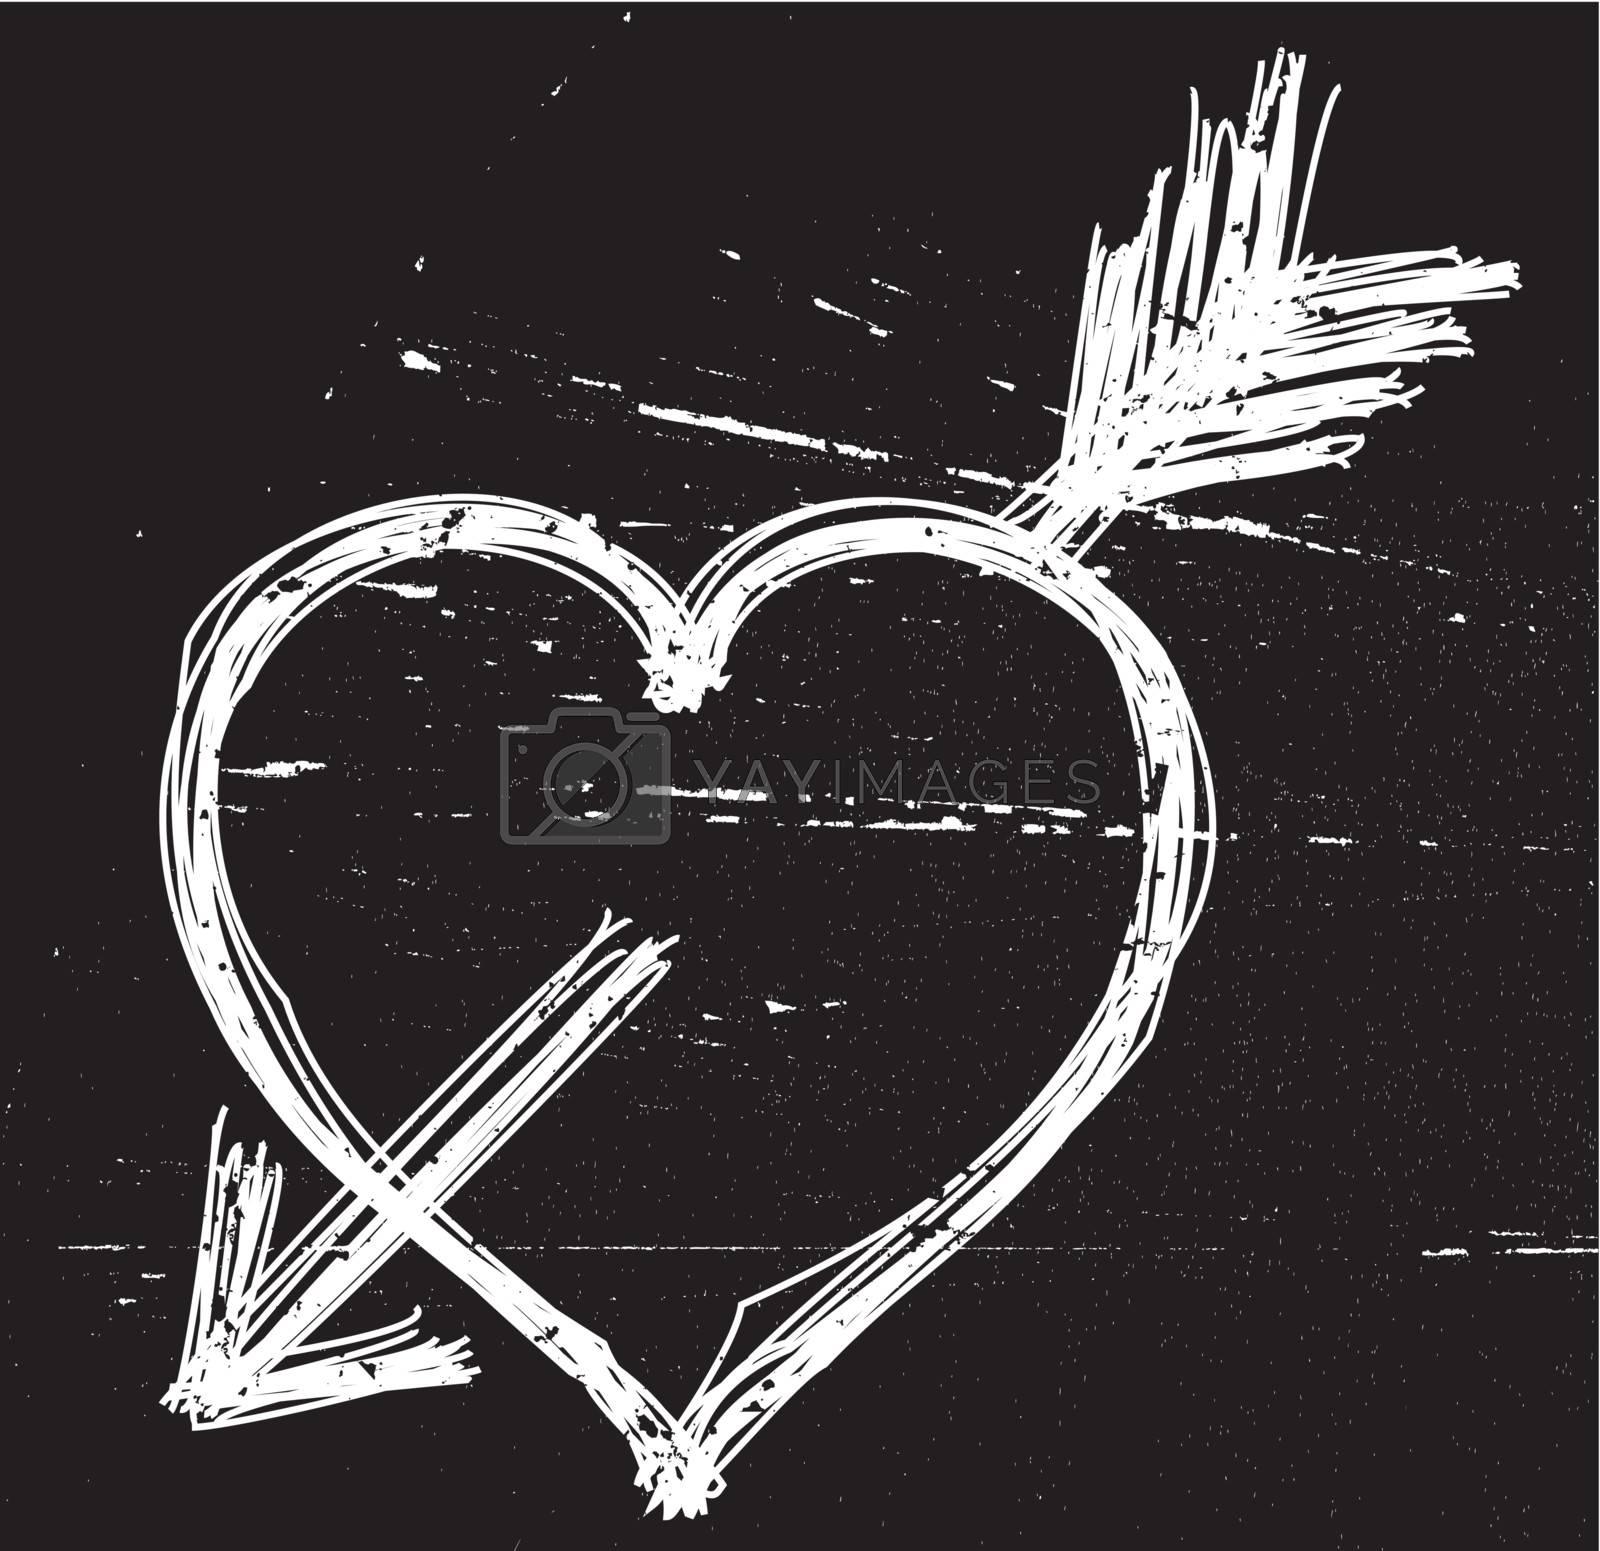 Heart symbol on black grunge background. Vector illustrations.